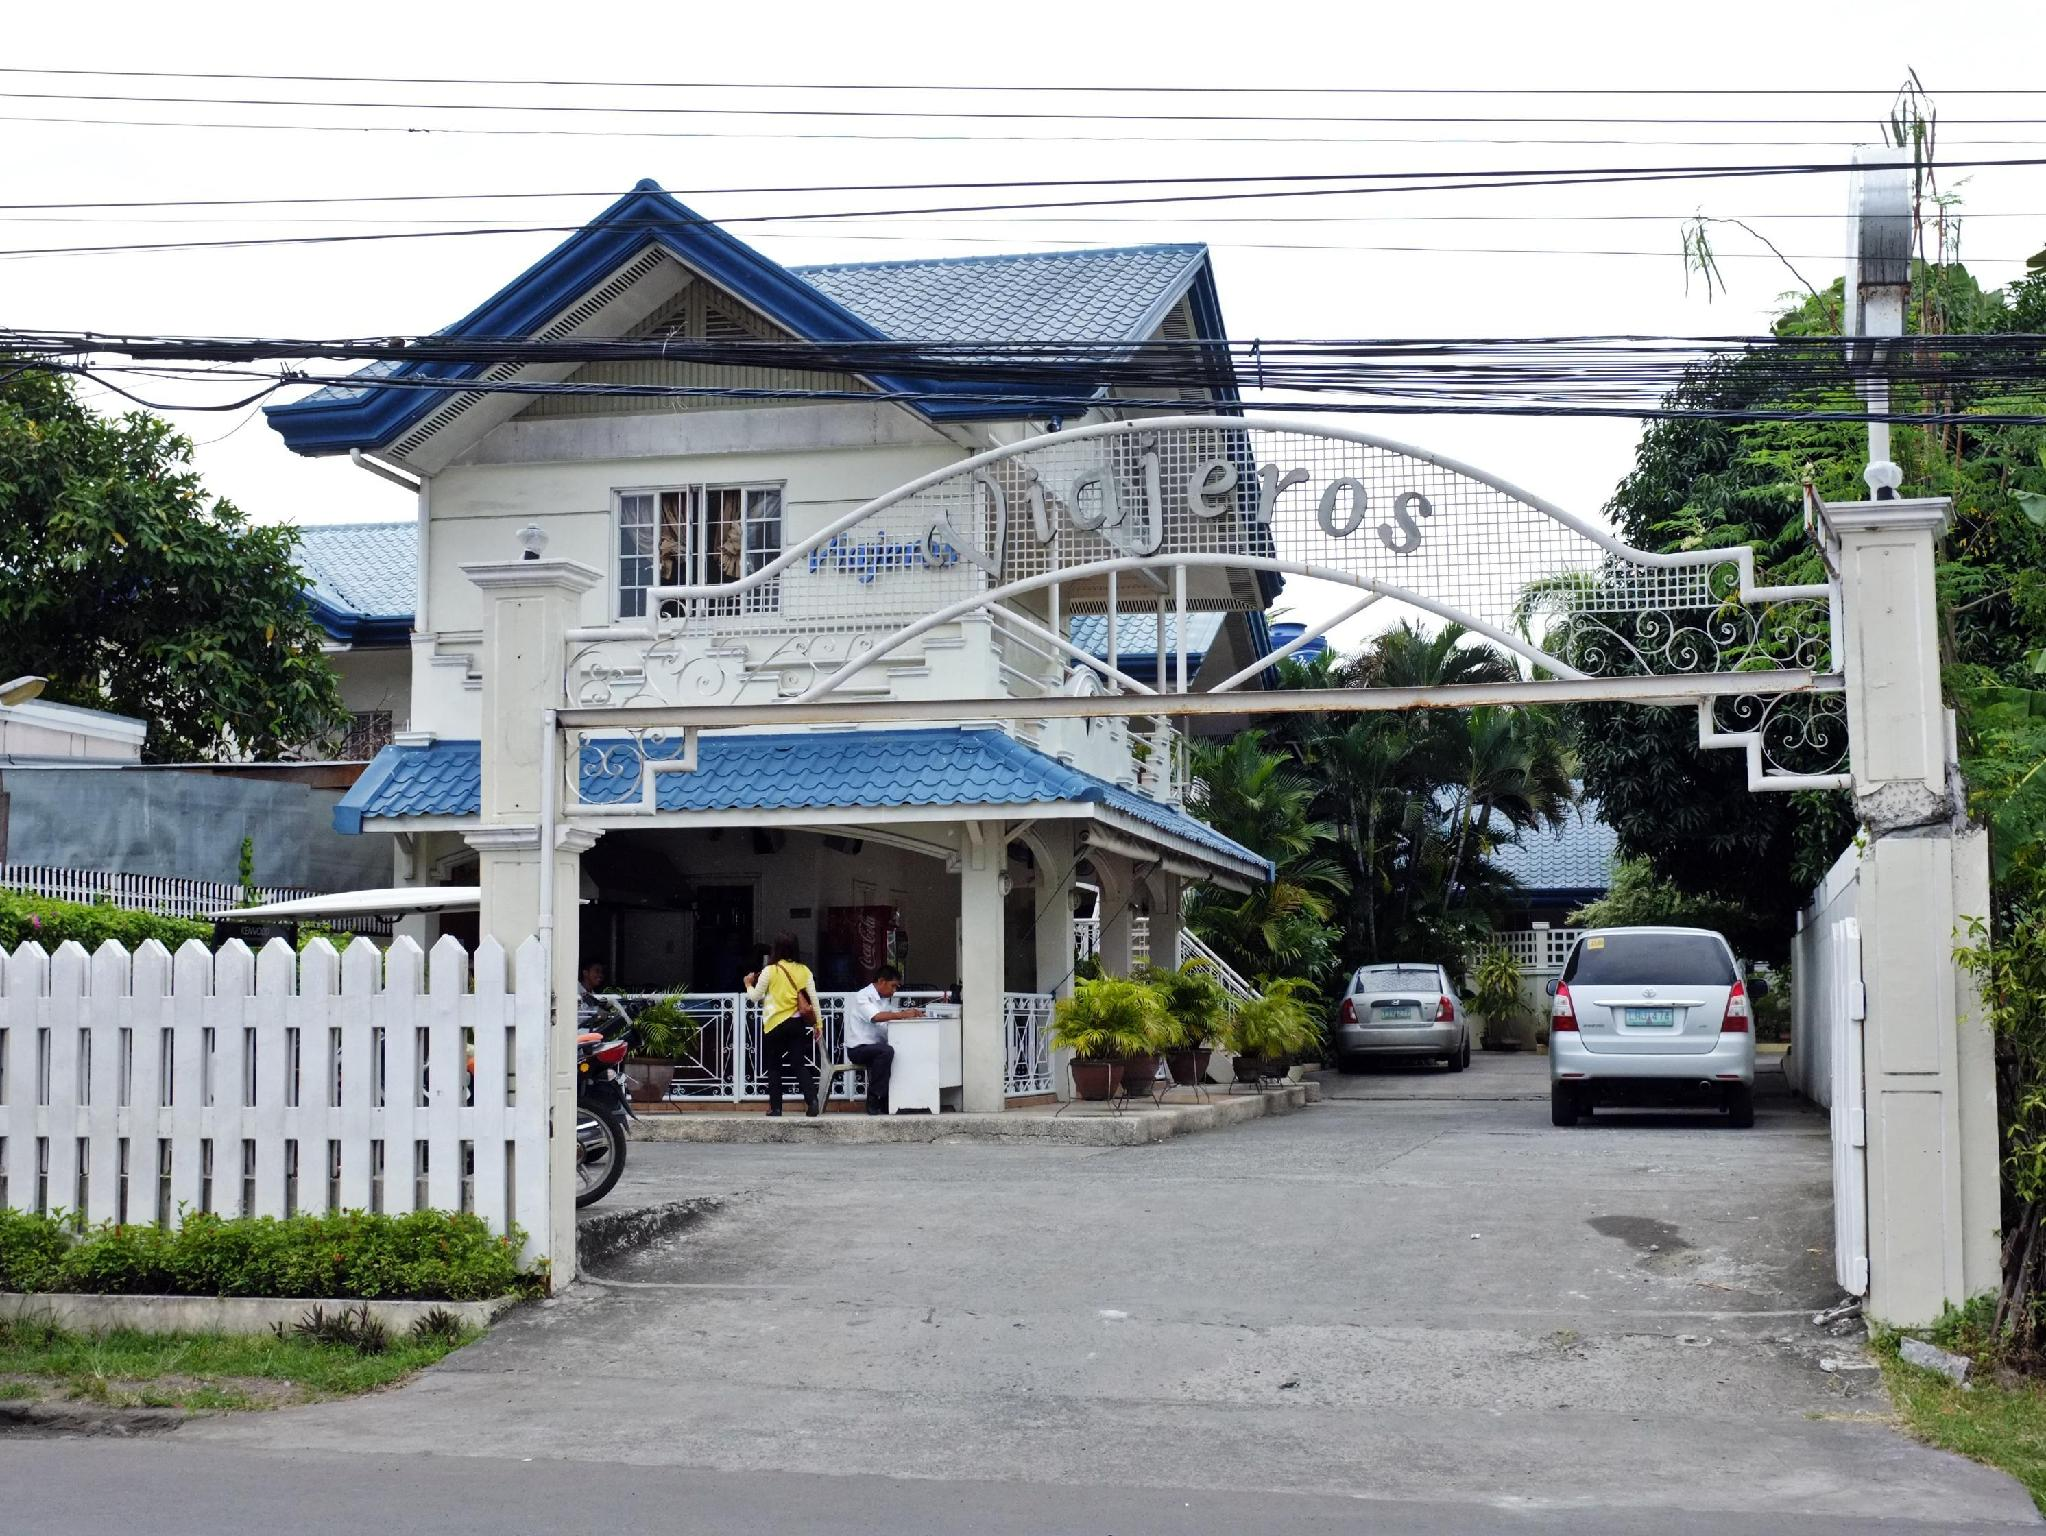 Viajeros Economy Inn Davao - Viesnīcas ārpuse